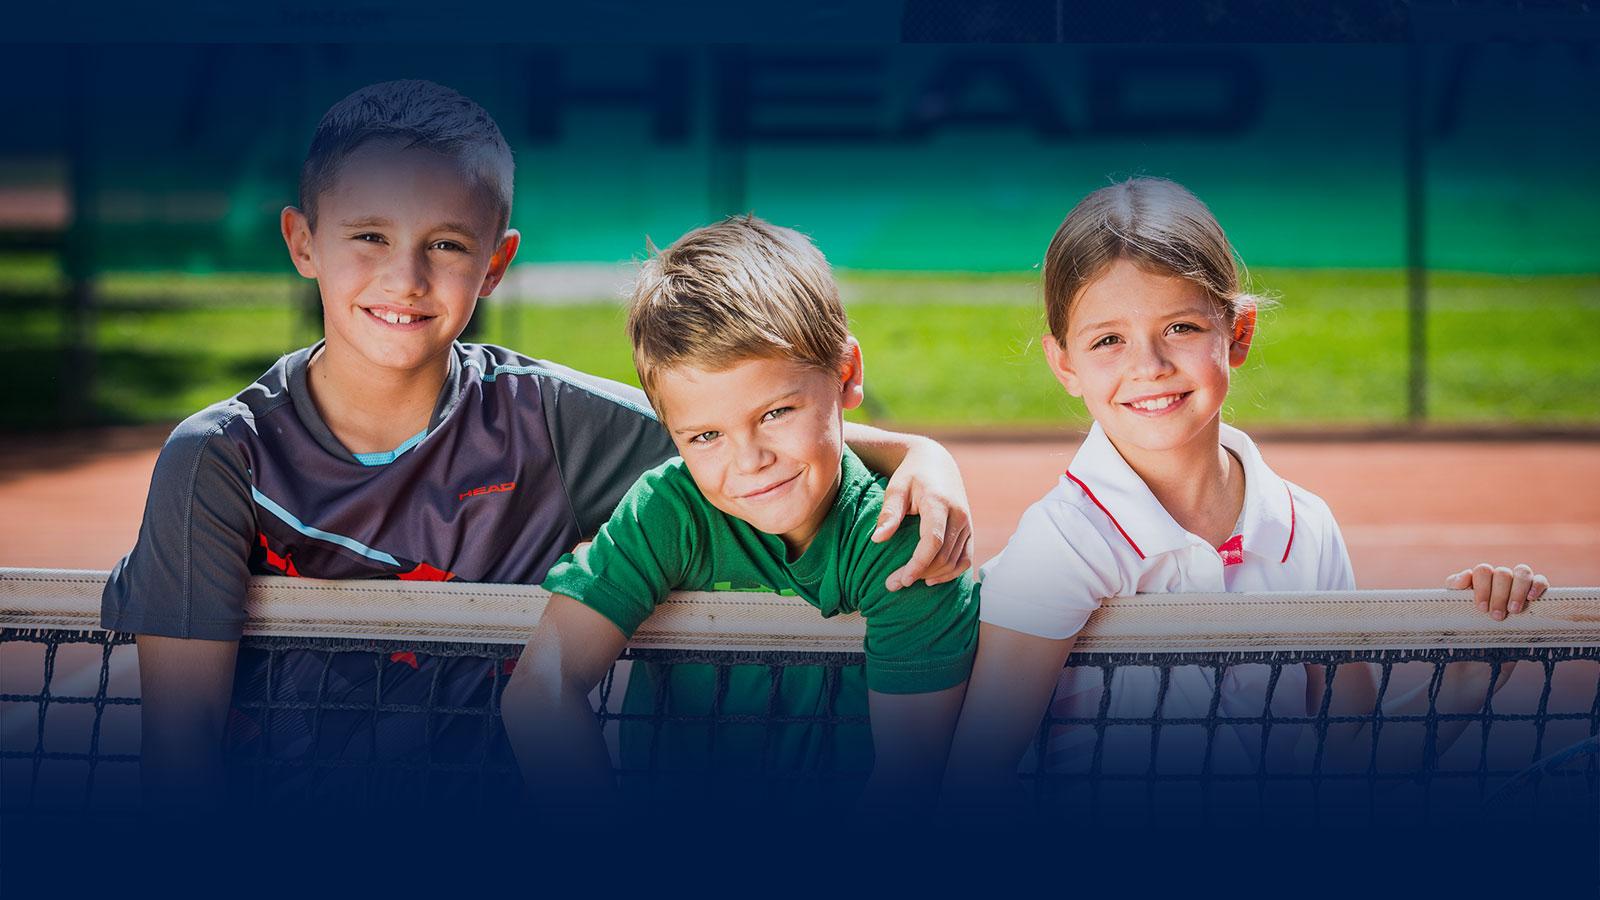 Kinder auf dem Tennisplatz sind glücklich